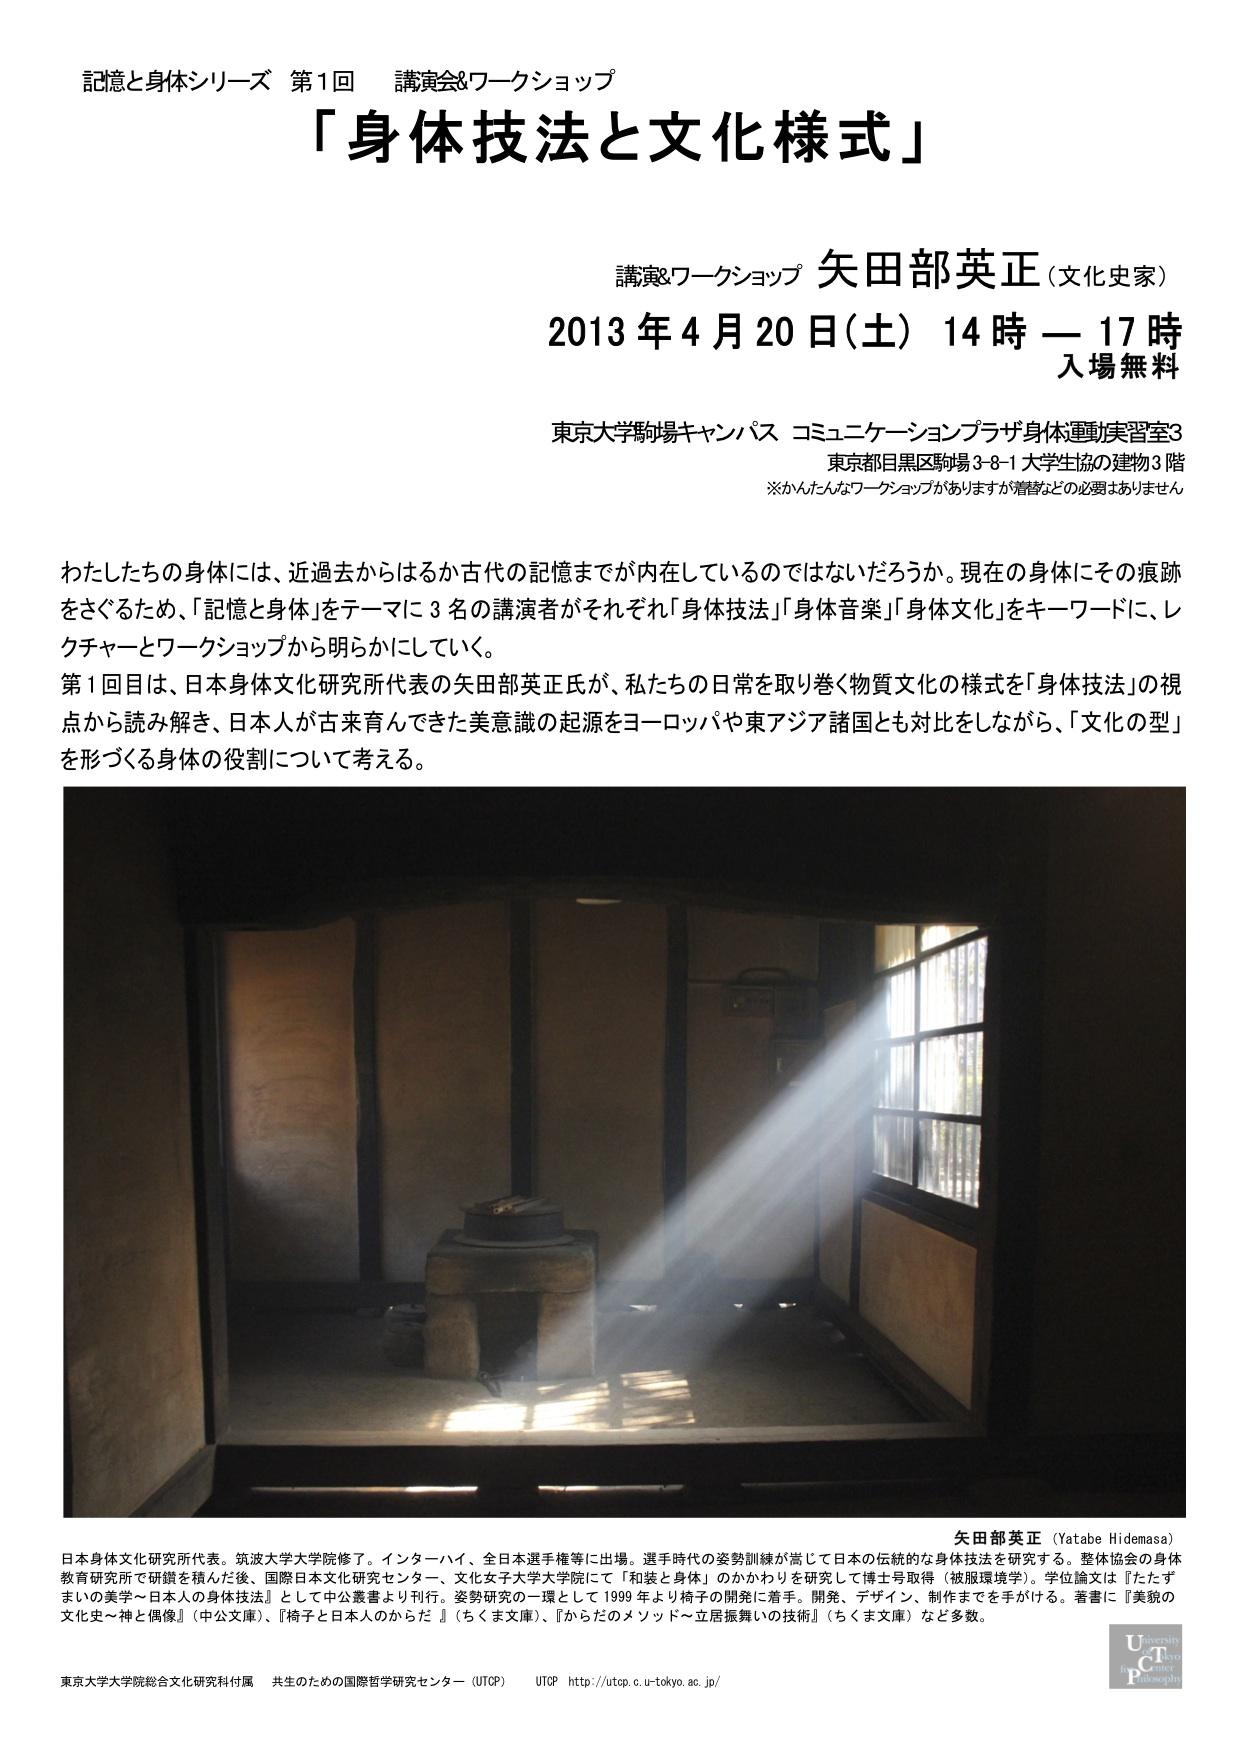 130420_yatabe_poster.jpg